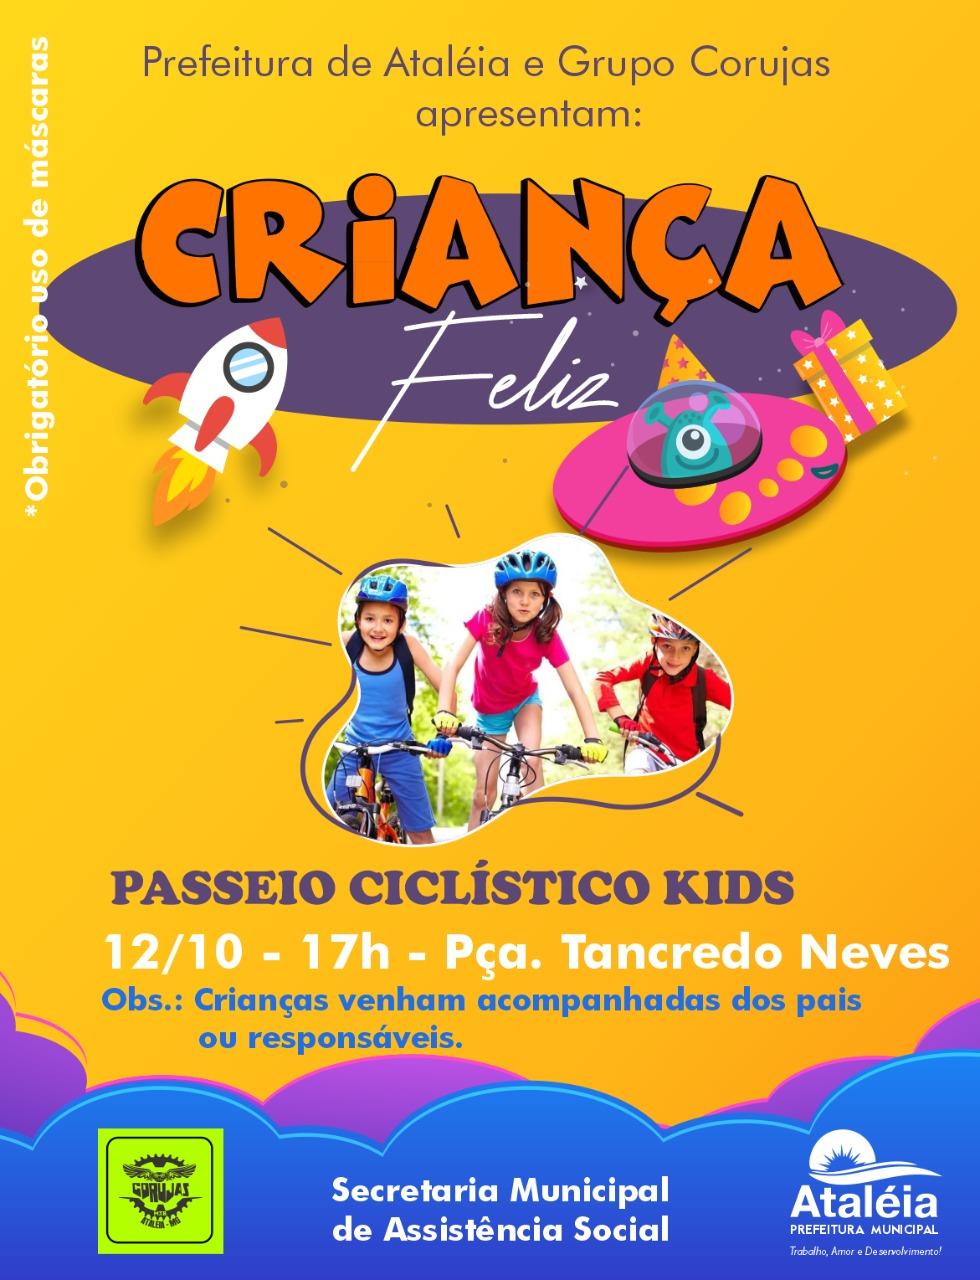 CRIANÇA FELIZ - PASSEIO CICLÍSTICO KIDS